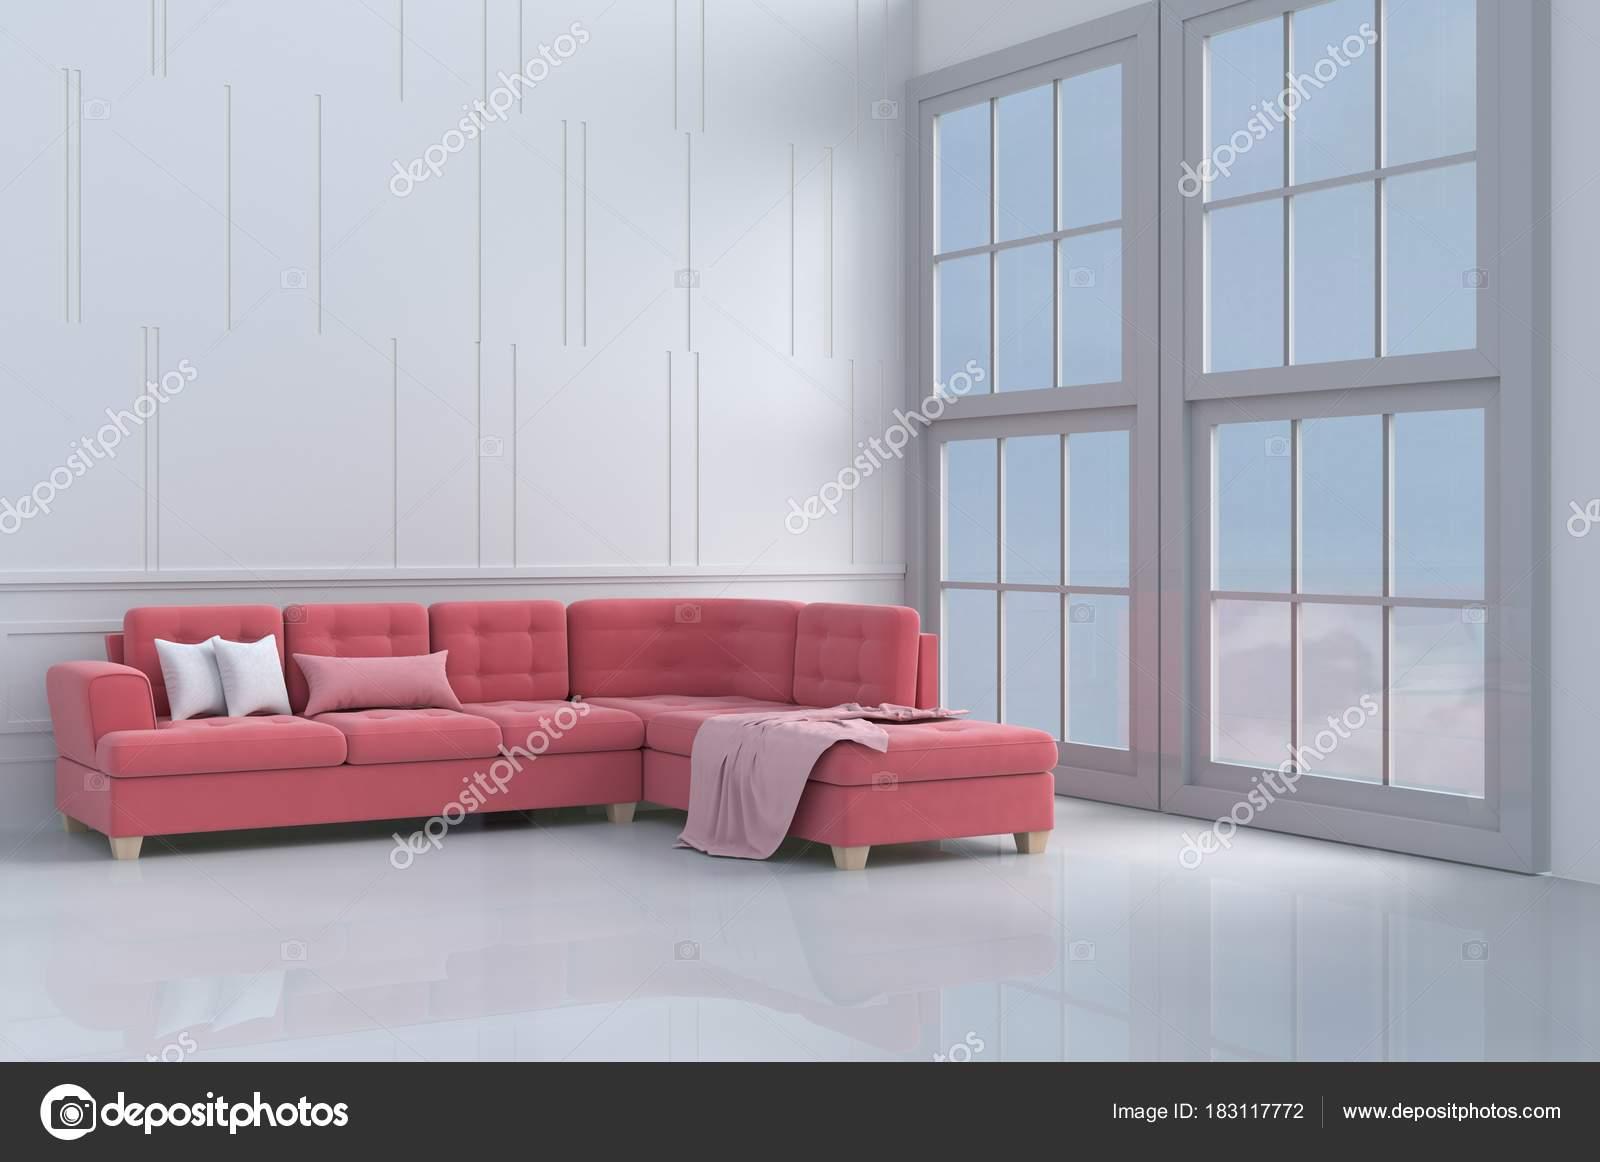 Divano Rosso Cuscini : Divano rosso rosa amore nell arredamento salotto bianco con